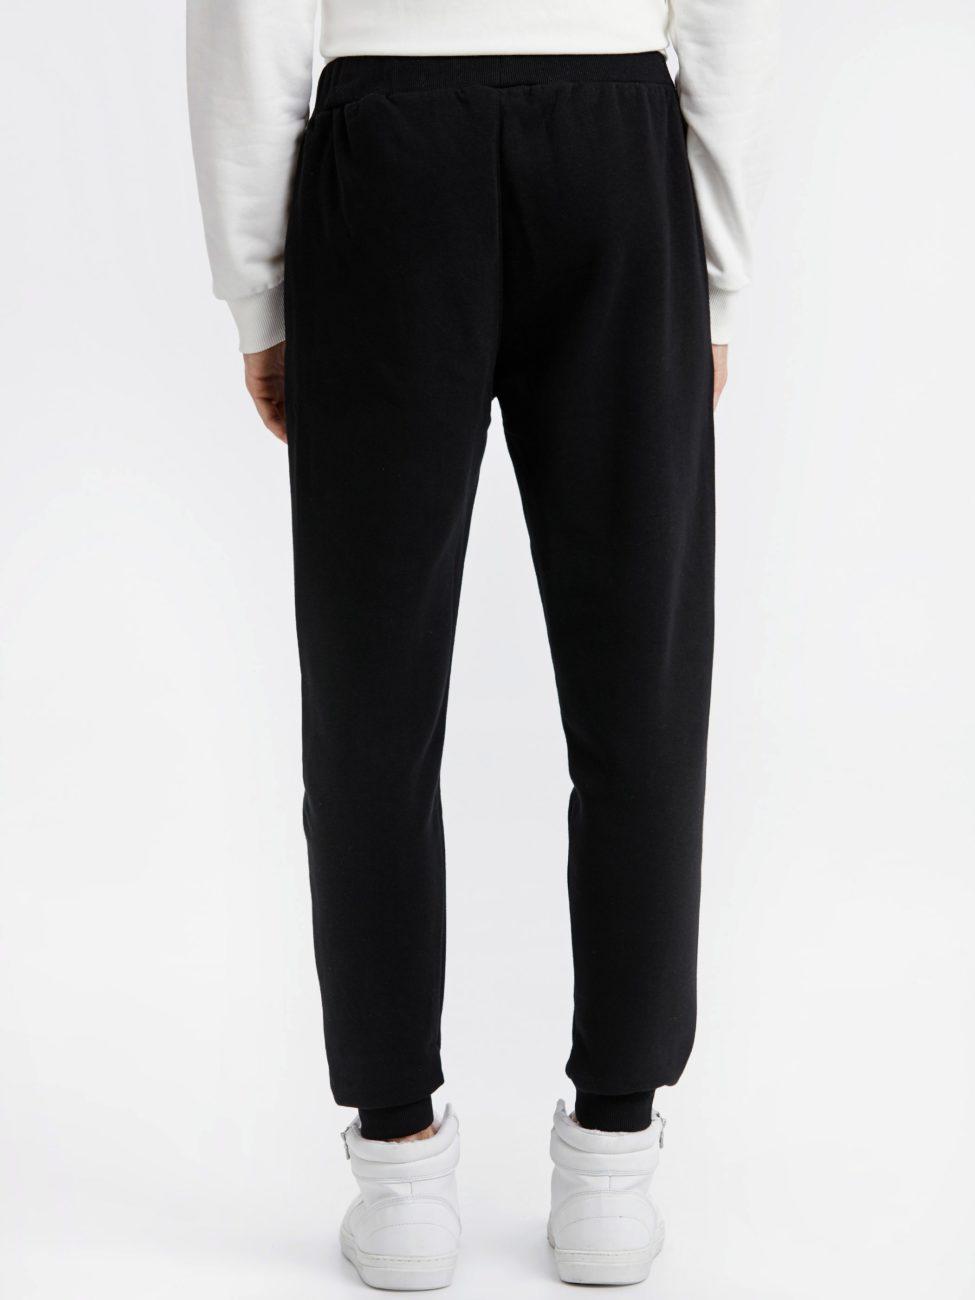 Soldes Lc Waikiki Maroc Pantalon Survêtement homme 69Dhs au lieu de 129Dhs